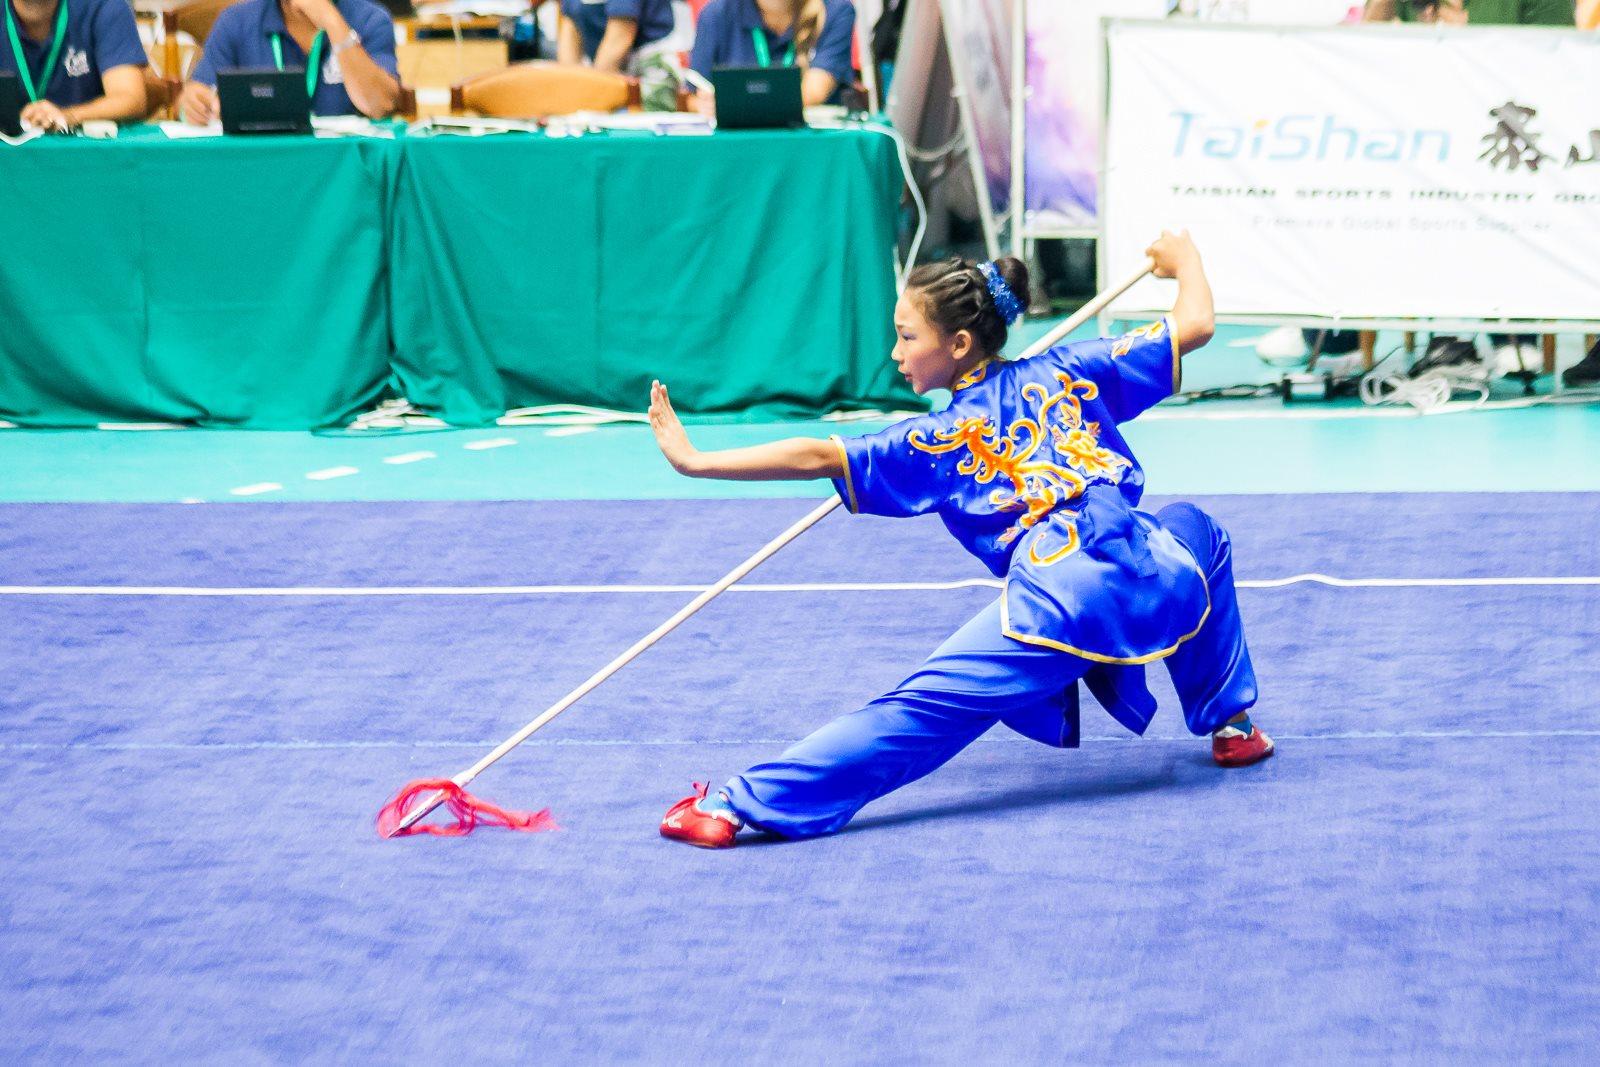 Wayland_Li_World_Wushu_Championships_Changquan_Spear_2016_Bulgaria_Canada.jpg